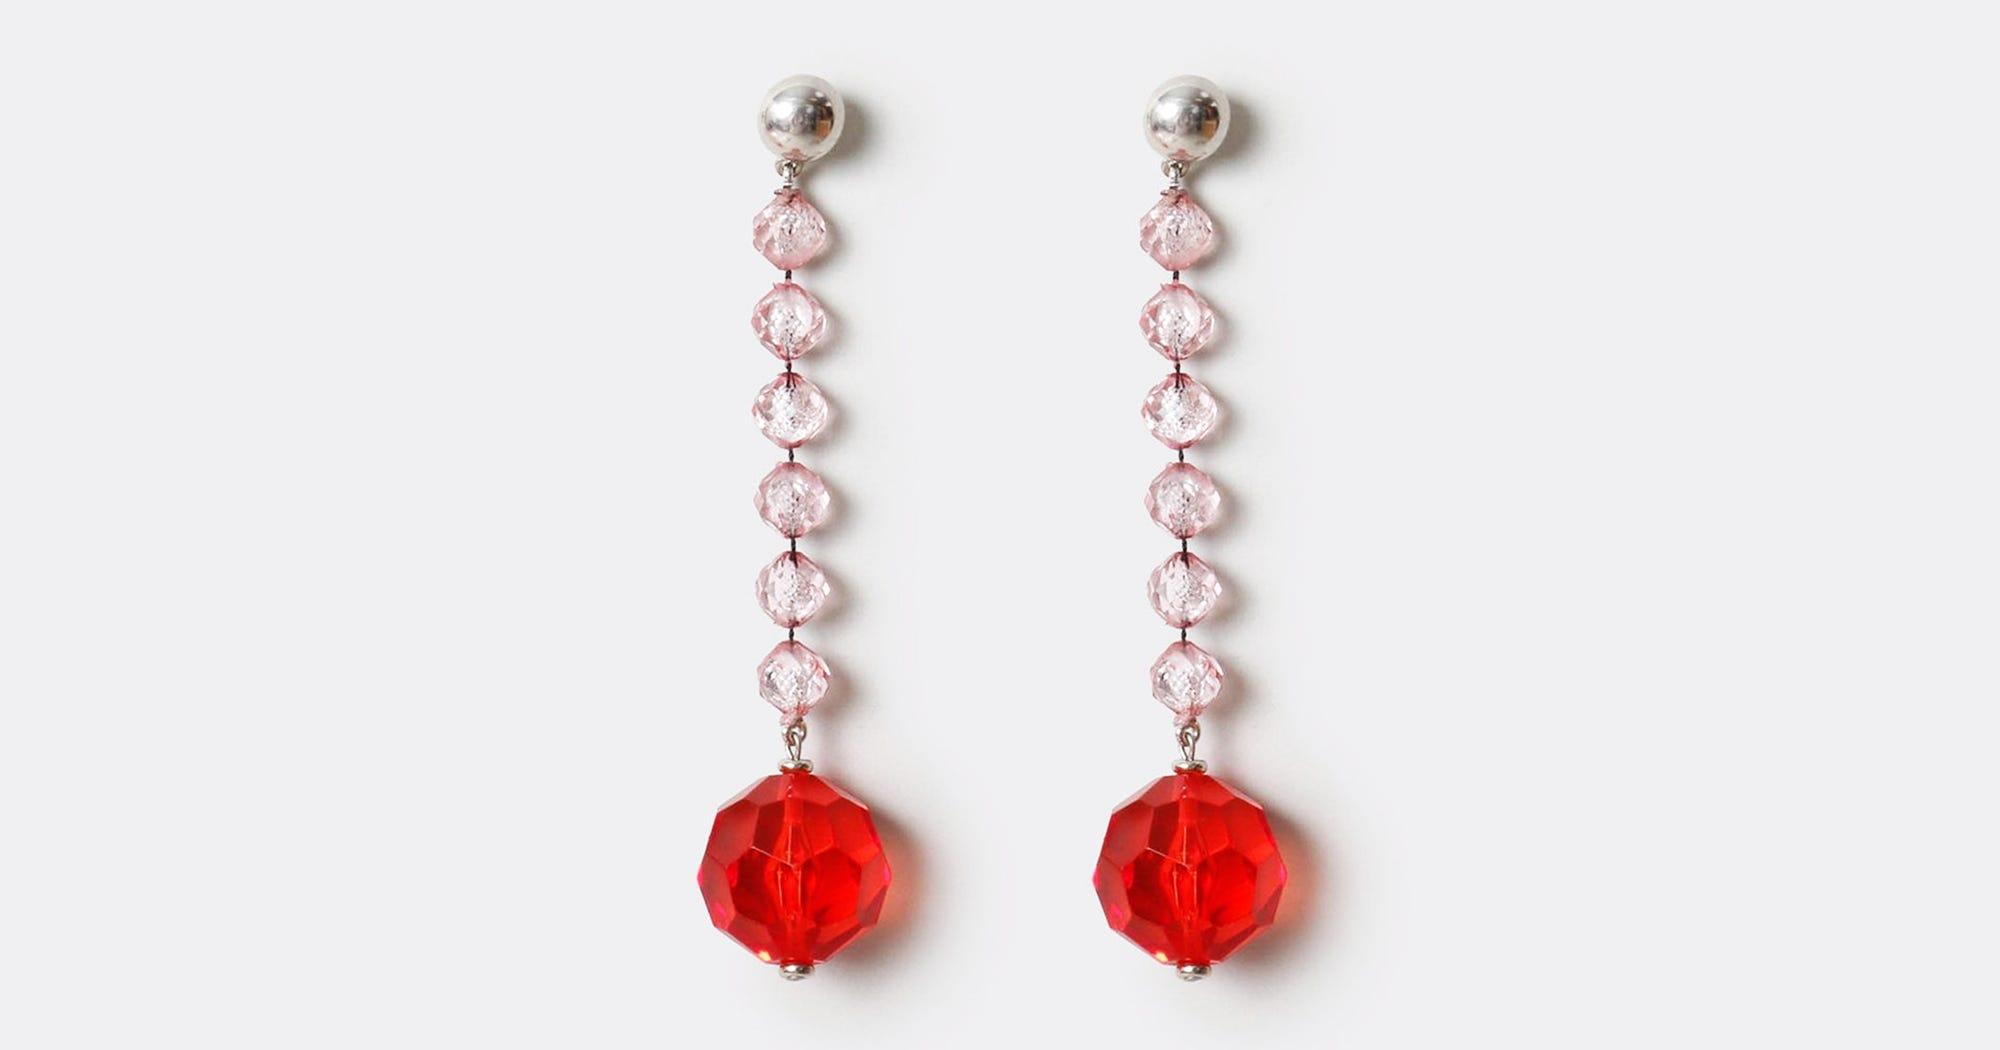 ec5a47104 Drop Earrings Trend - Cute Dangle Chandelier Styles